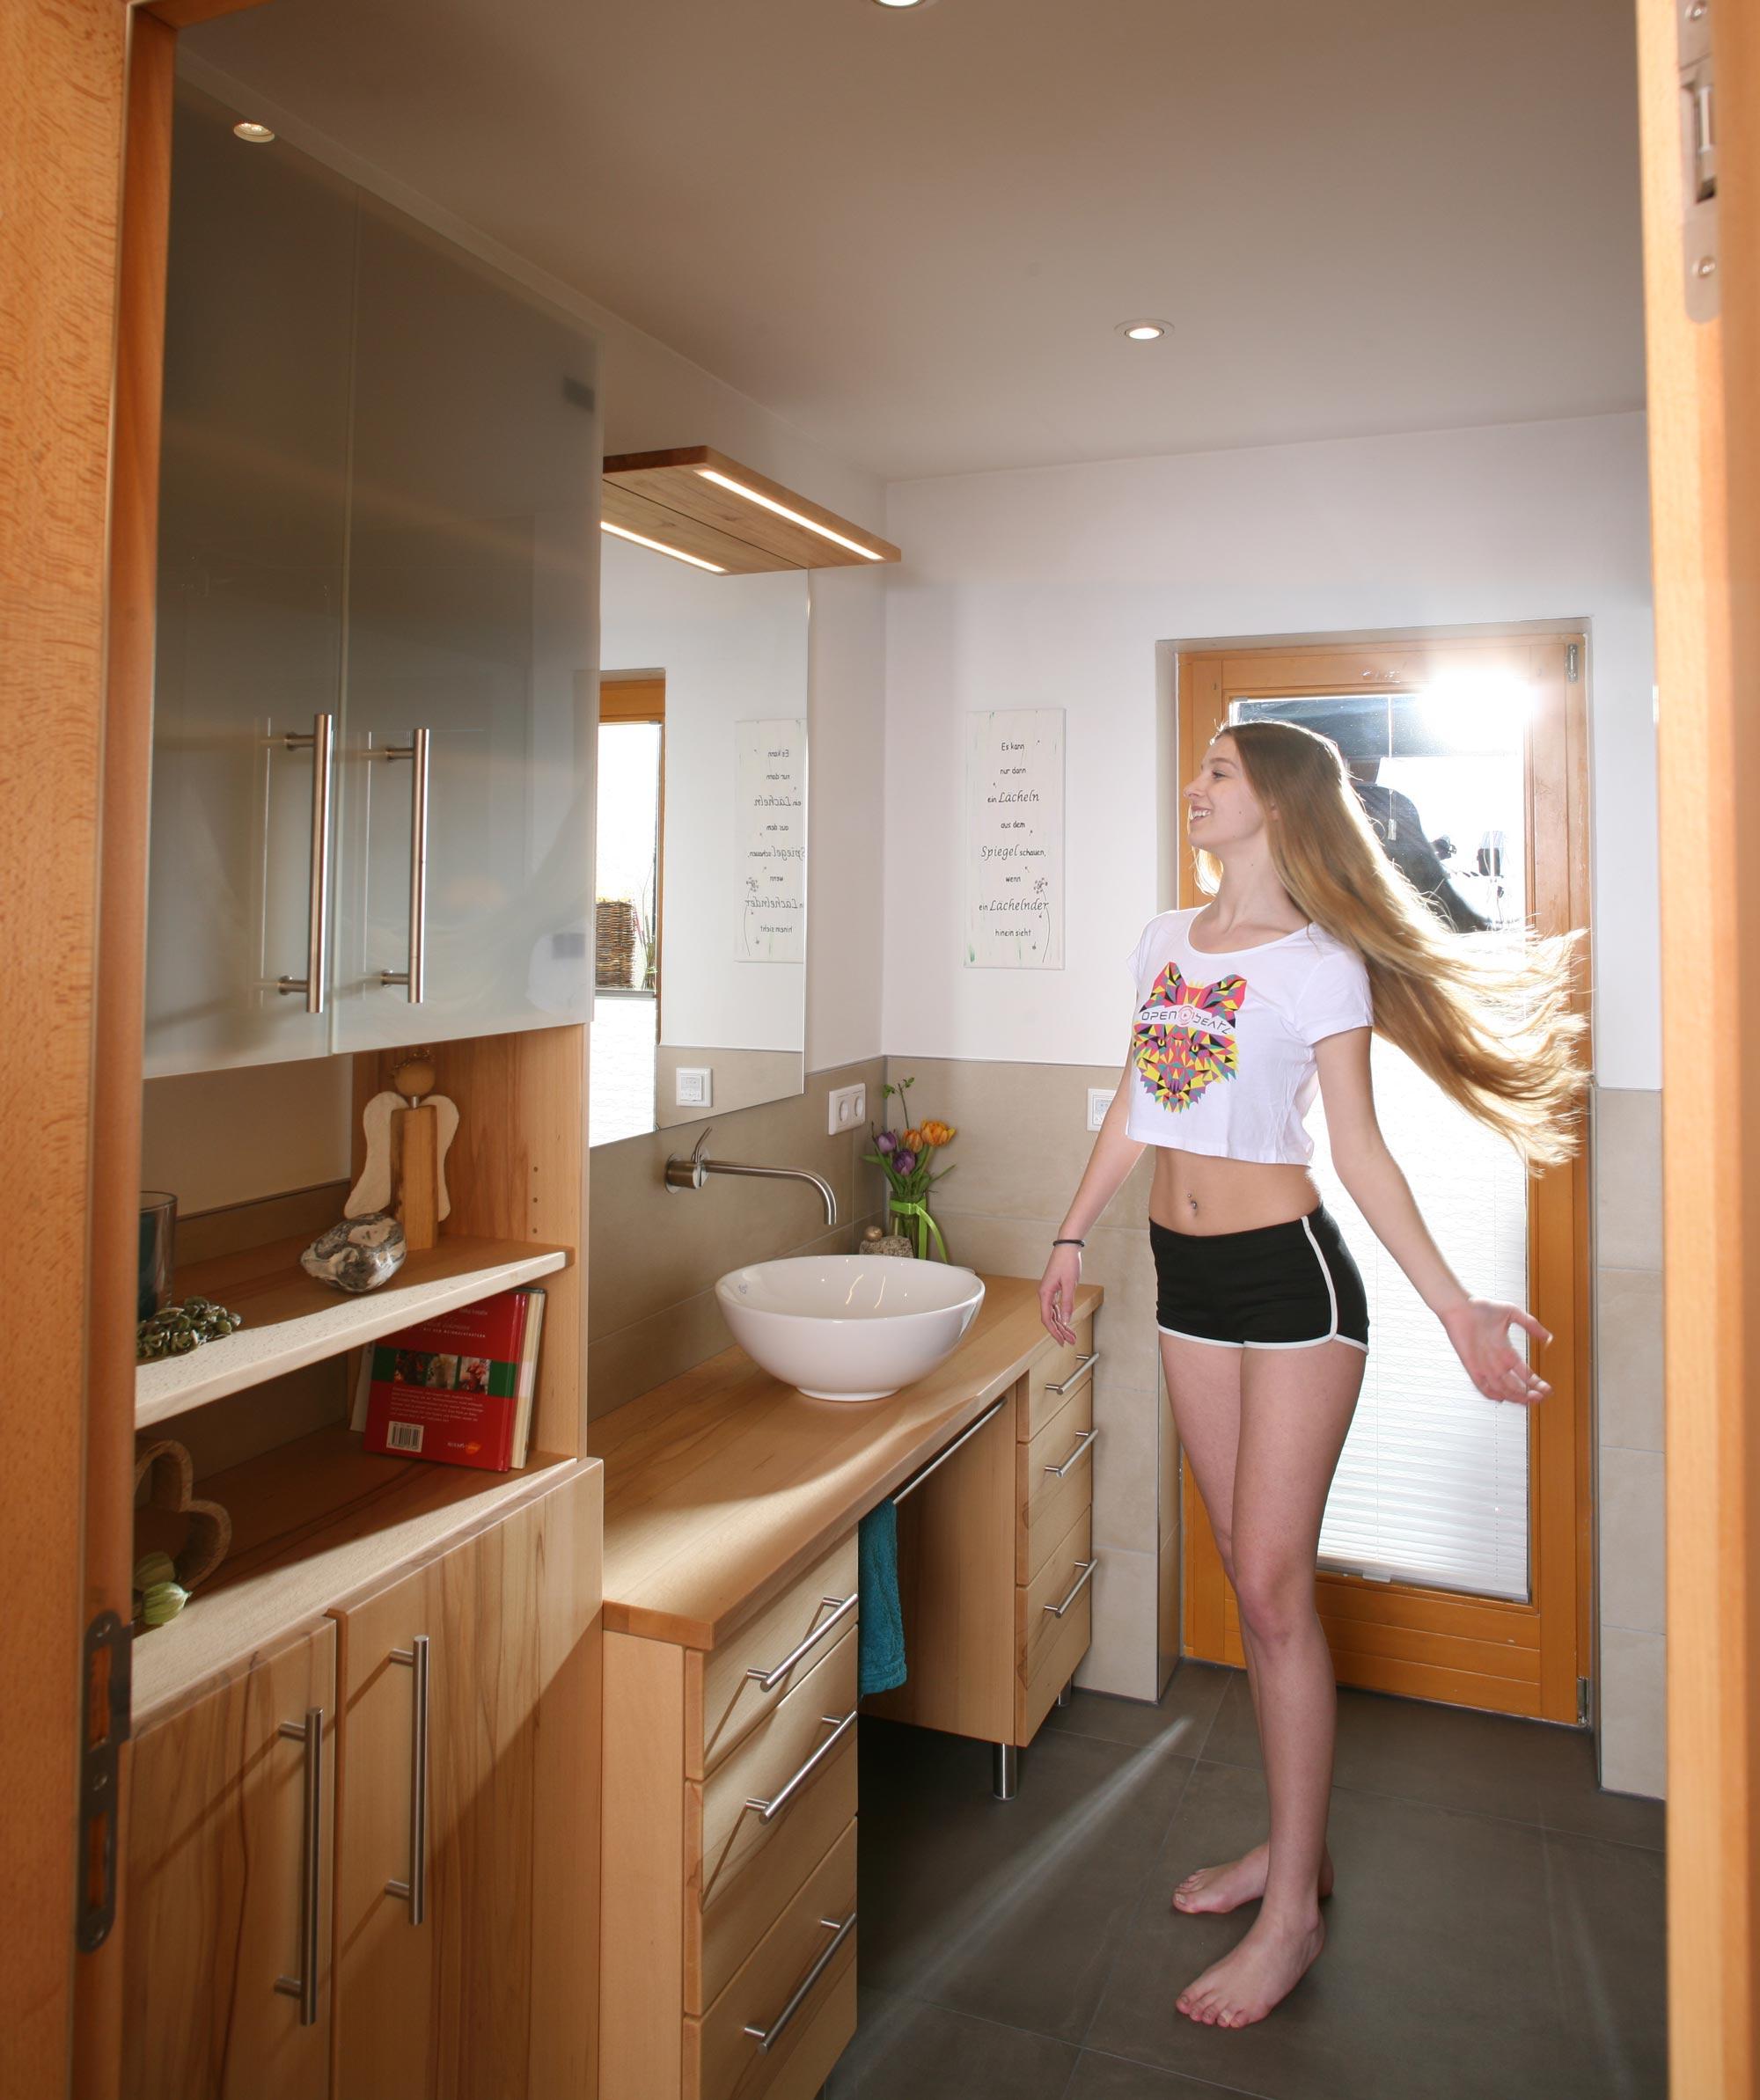 kleines sch nes massivholz badezimmer mit great greta das nachhaltigkeitsblog der m belmacher. Black Bedroom Furniture Sets. Home Design Ideas